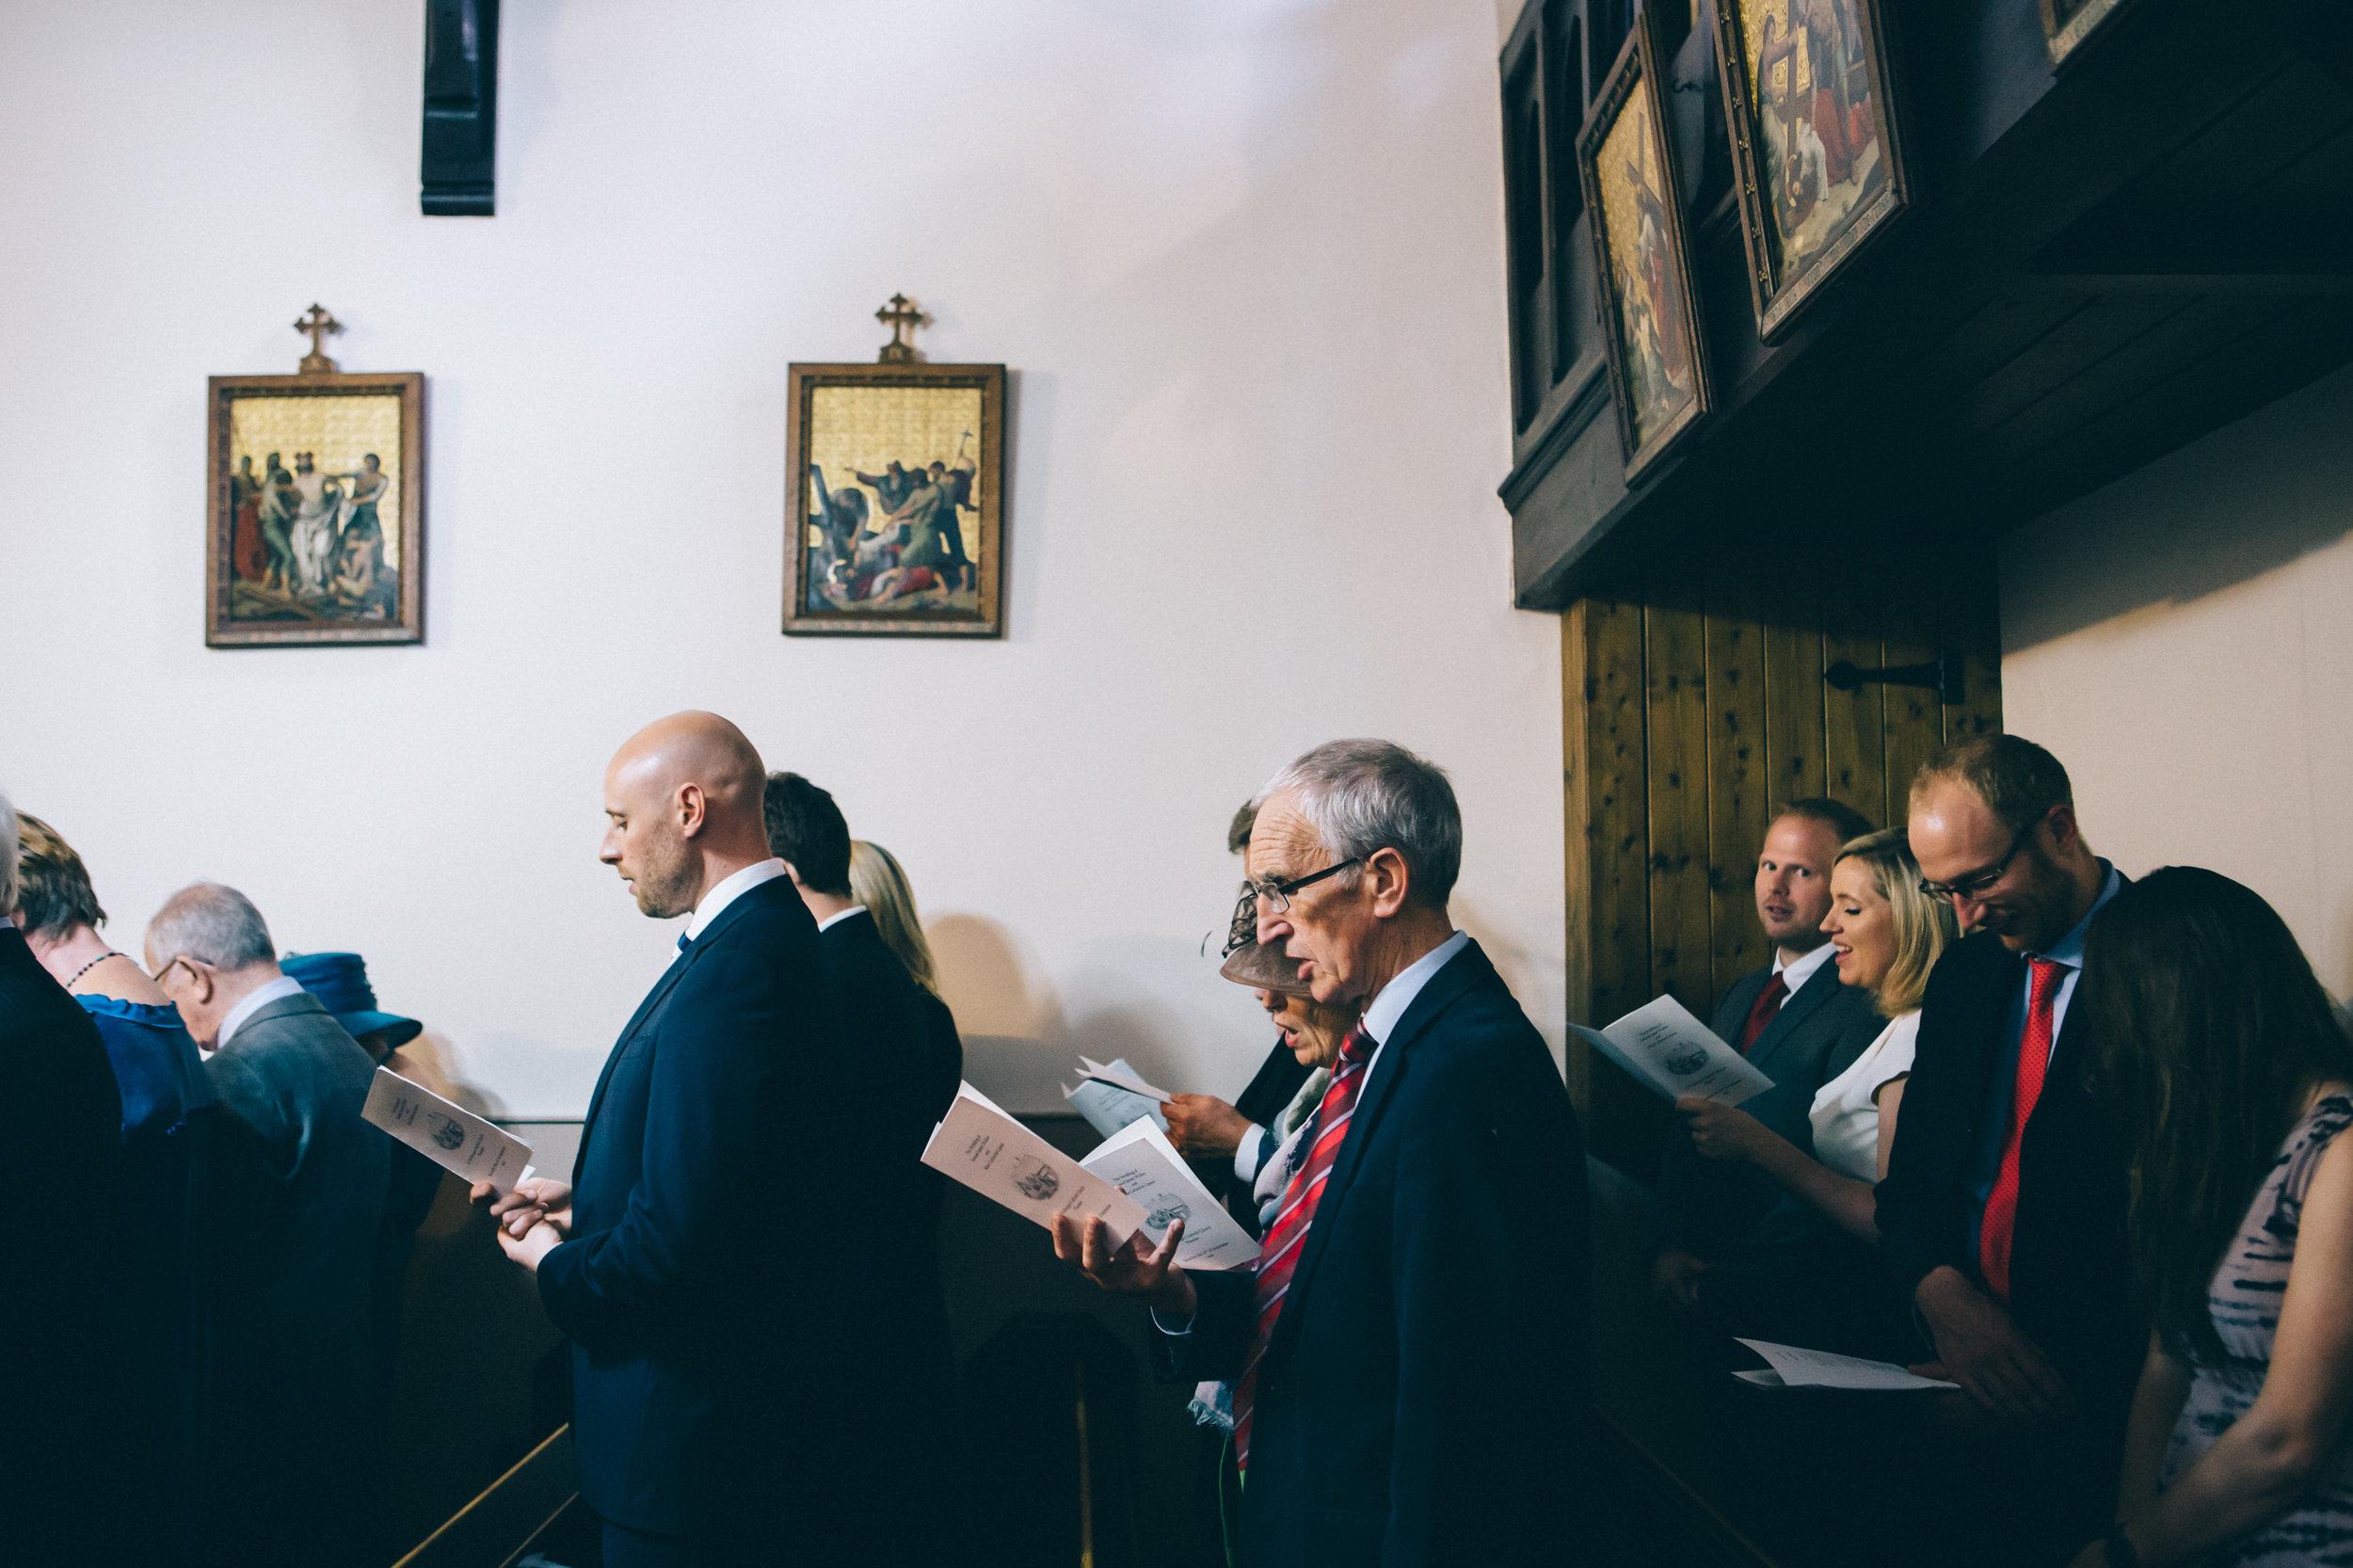 uk wedding photographer artistic wedding photography-65.jpg